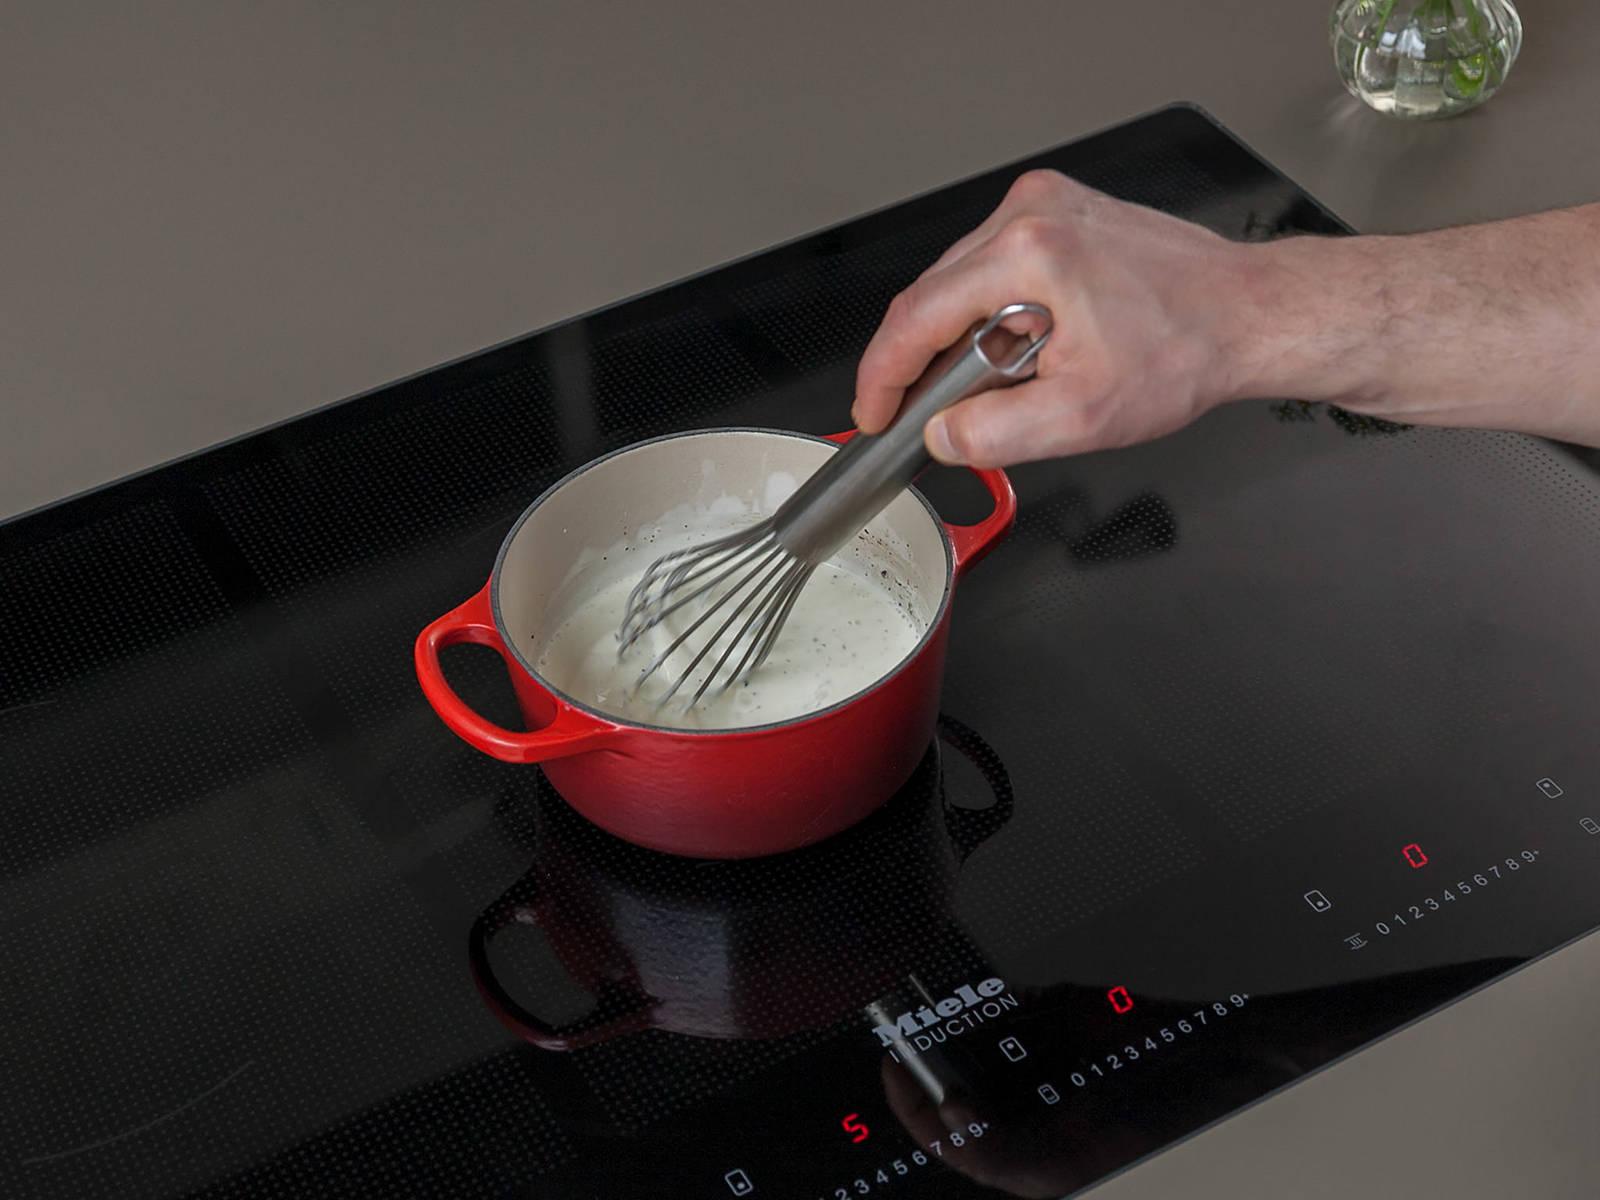 Sahne in einem kleinen Topf auf mittlerer Hitze ca. 2 Min. erwärmen. Mit Salz und Pfeffer würzen. Falls gewünscht, mit Stärke andicken. Crème fraîche unterrühren und vom Herd nehmen. Hähnchen und Paprika mit Sauce und Reis servieren. Guten Appetit!